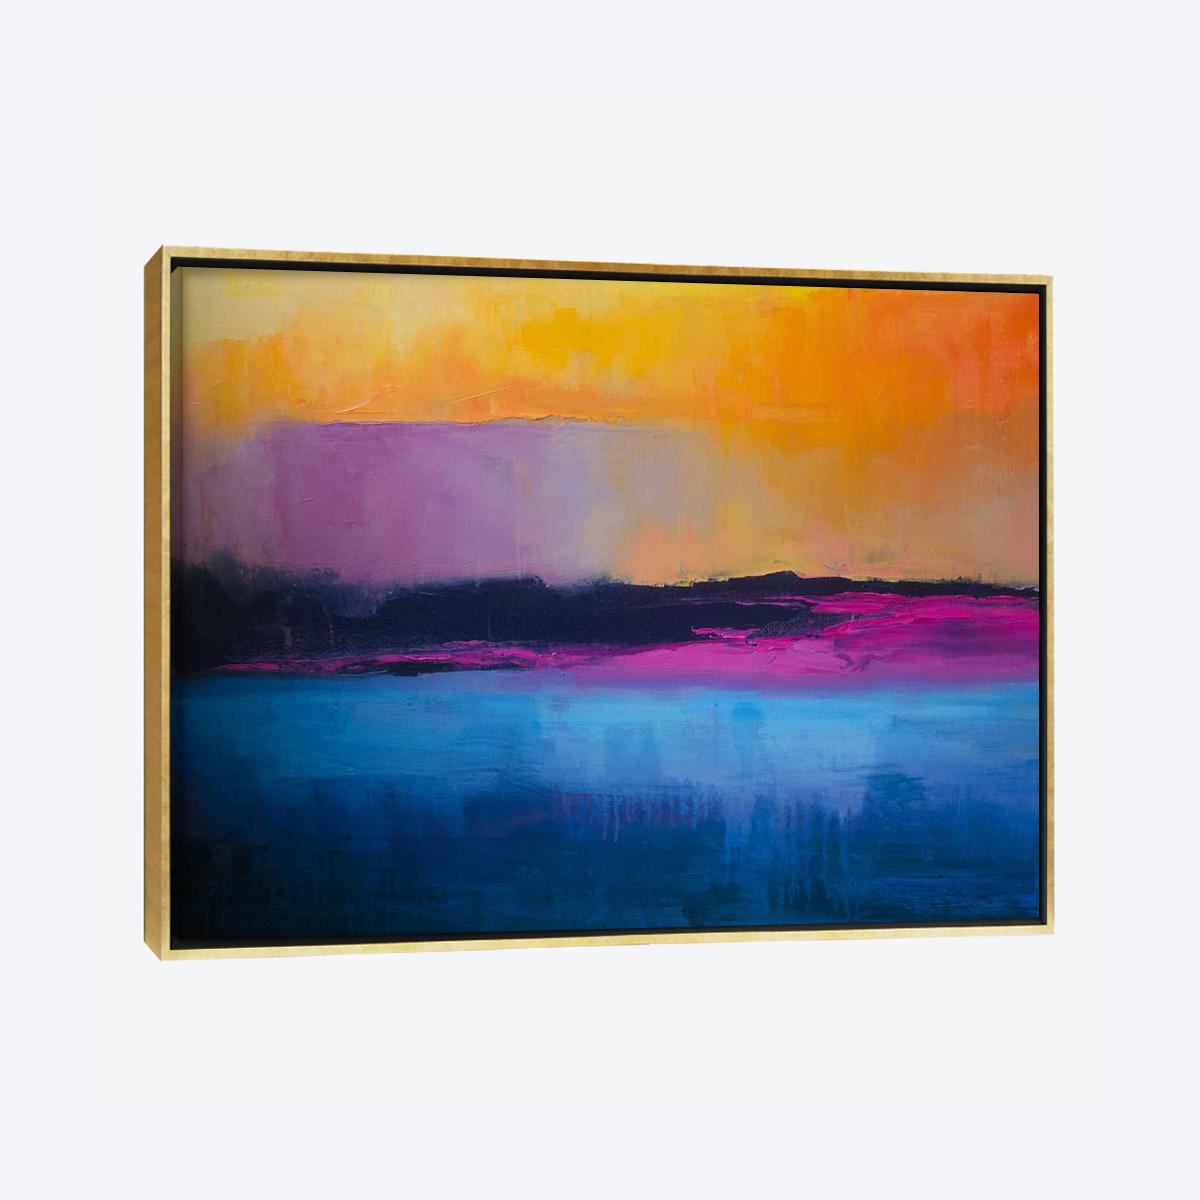 لوحات جدارية - غروب الشمس على البحر - لوحات جدارية - كانفسي - لوحة فنية جدارية تجريدية بألوان و تصاميم جذابة تعطي طاقة حيوية وتفاؤل و تتناسب مع جميع أثاثكم شاهد المزيد في متجر كانفسي